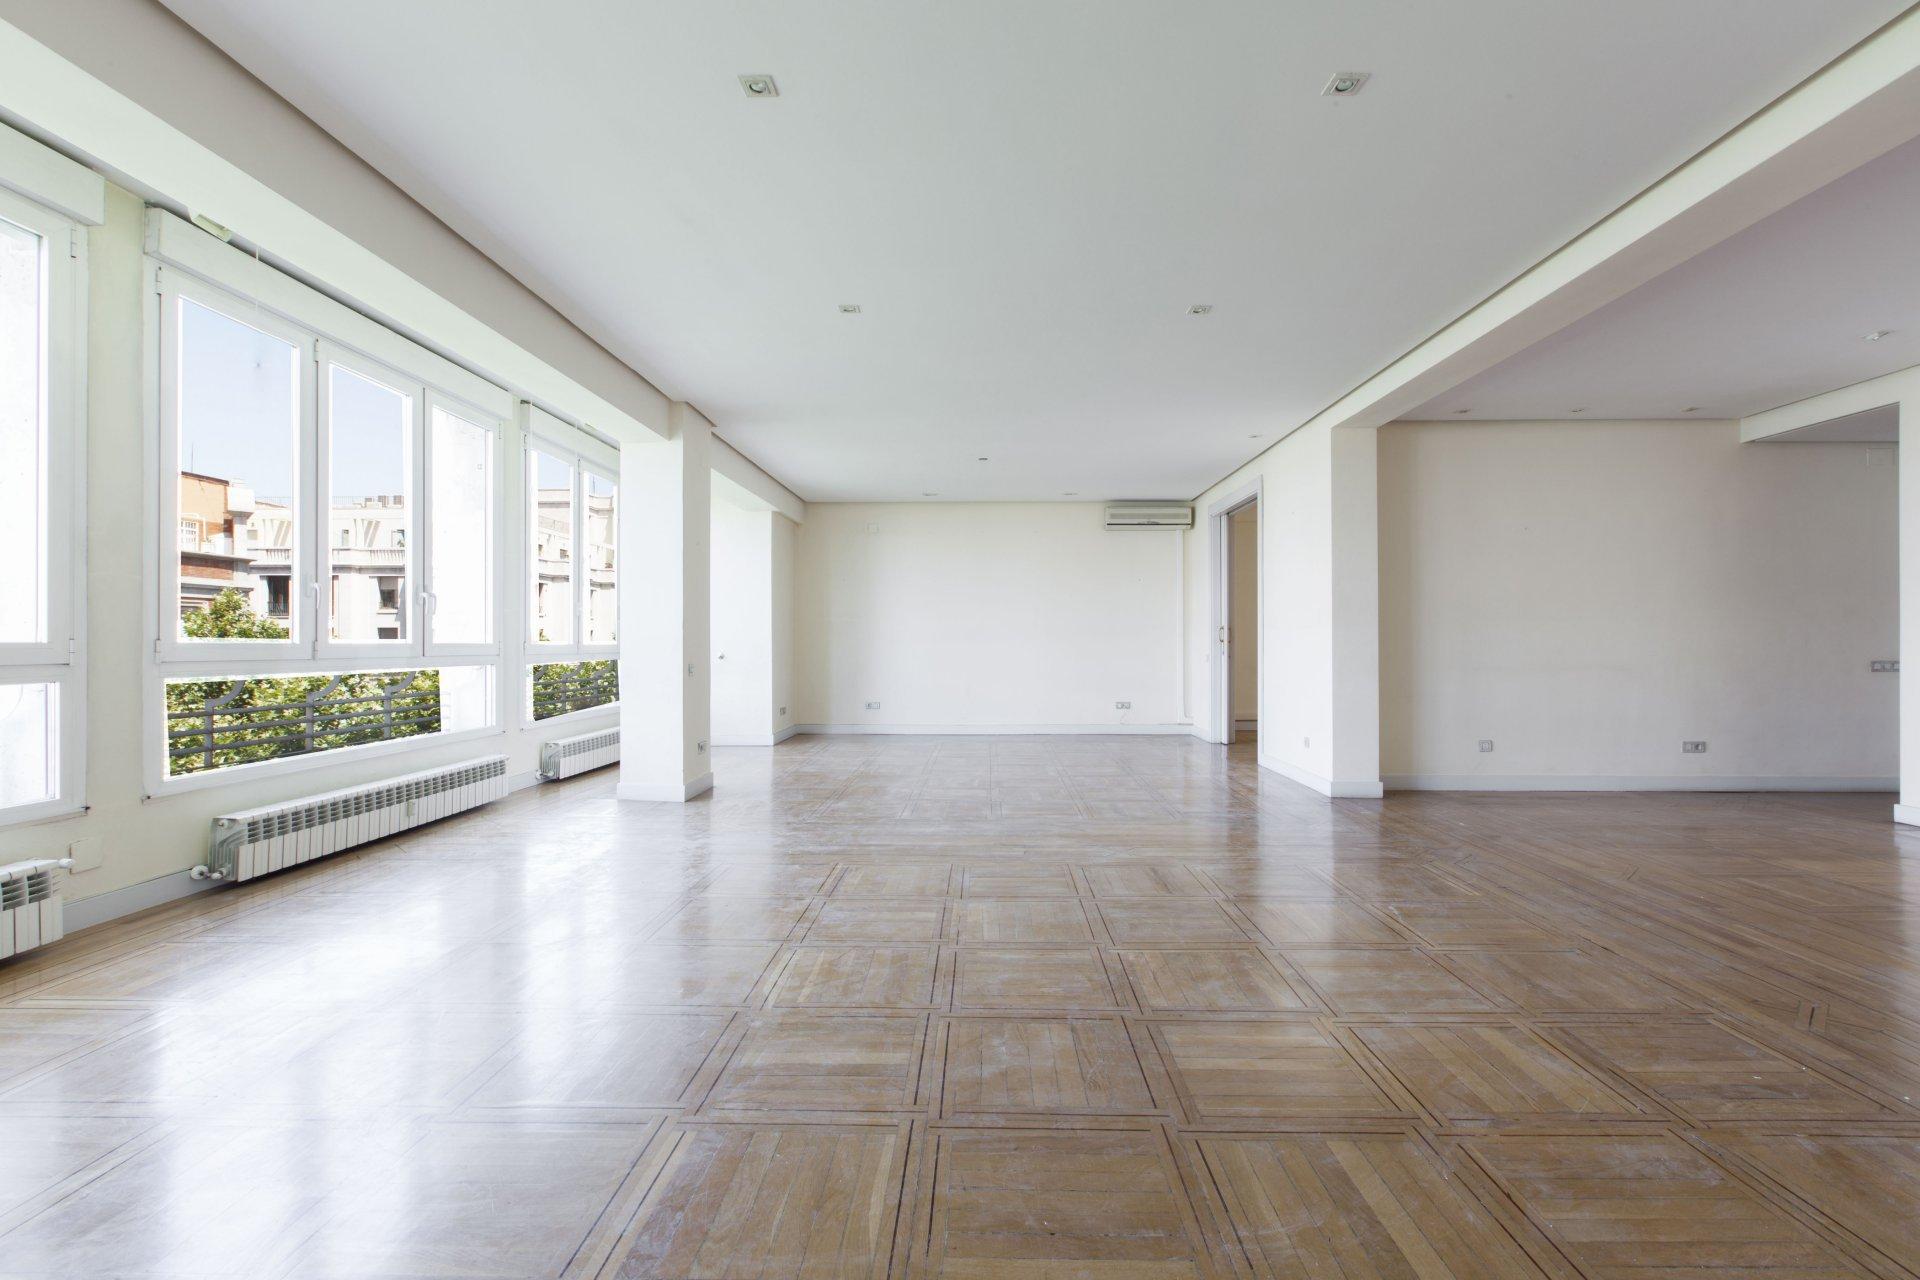 anuncio alquiler piso madrid recoletos 28001 john taylor